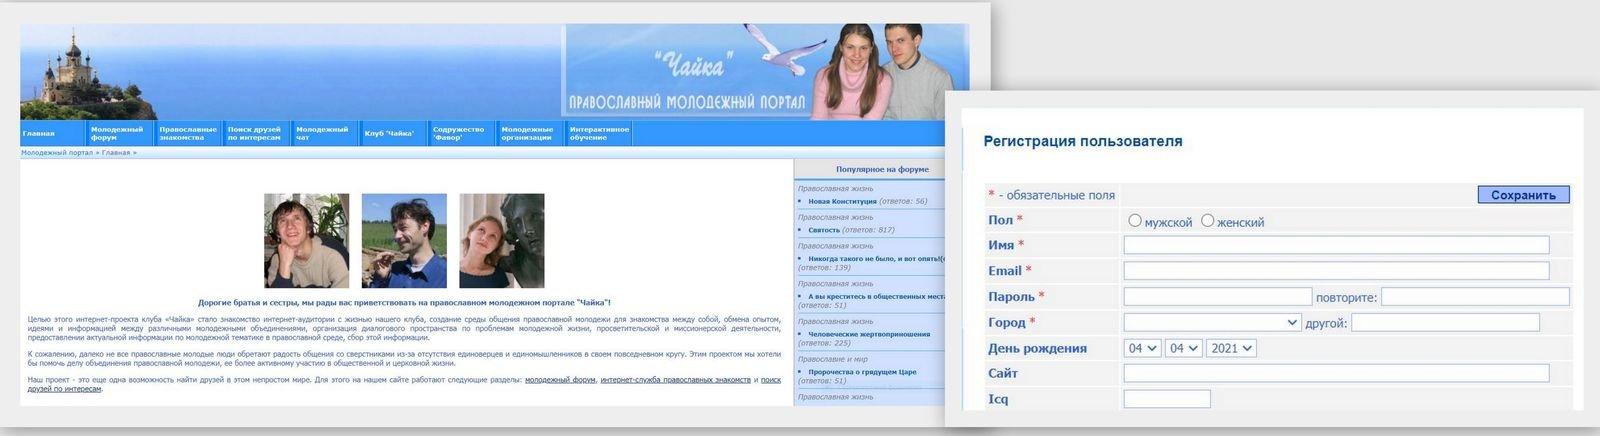 Православный молодежный портал Чайка